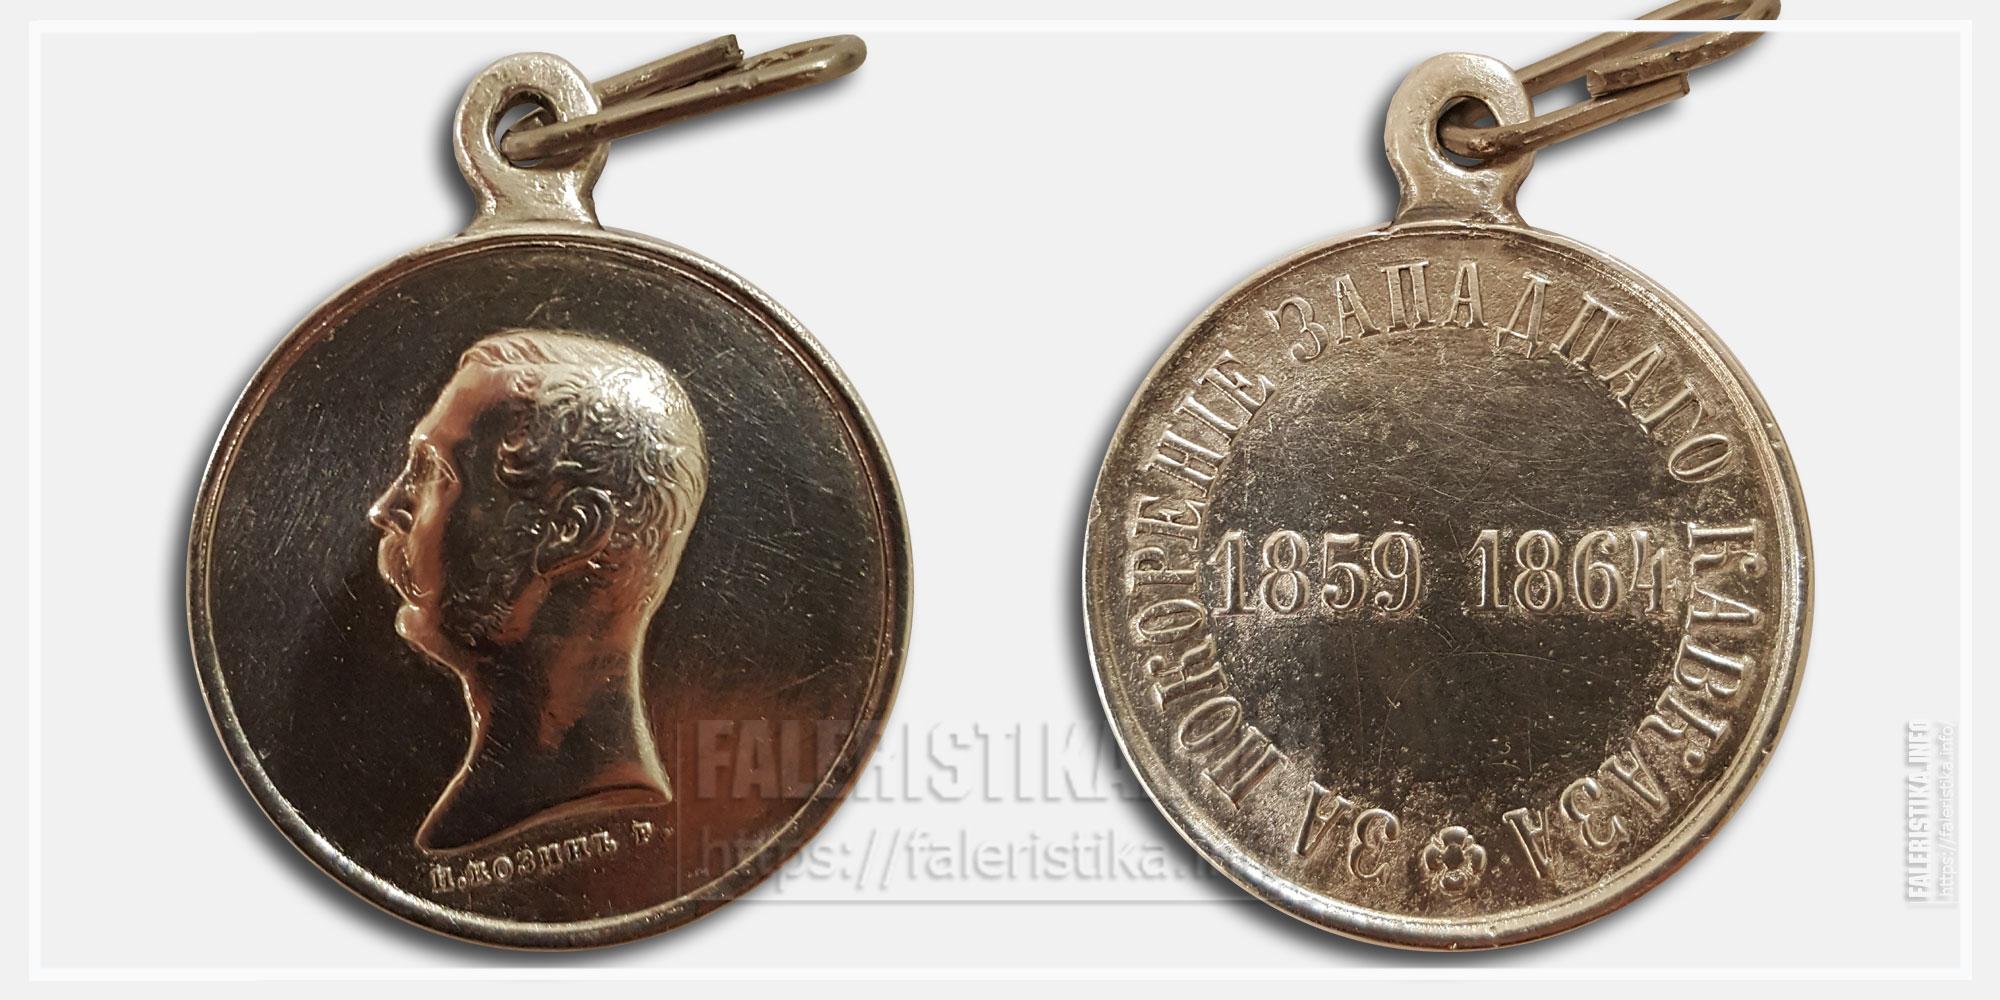 """Медаль """"За покорение Западного Кавказа 1859-1864"""" Характерные собенности: """"ЗАПАДПАГО"""" и отсутствие тире"""